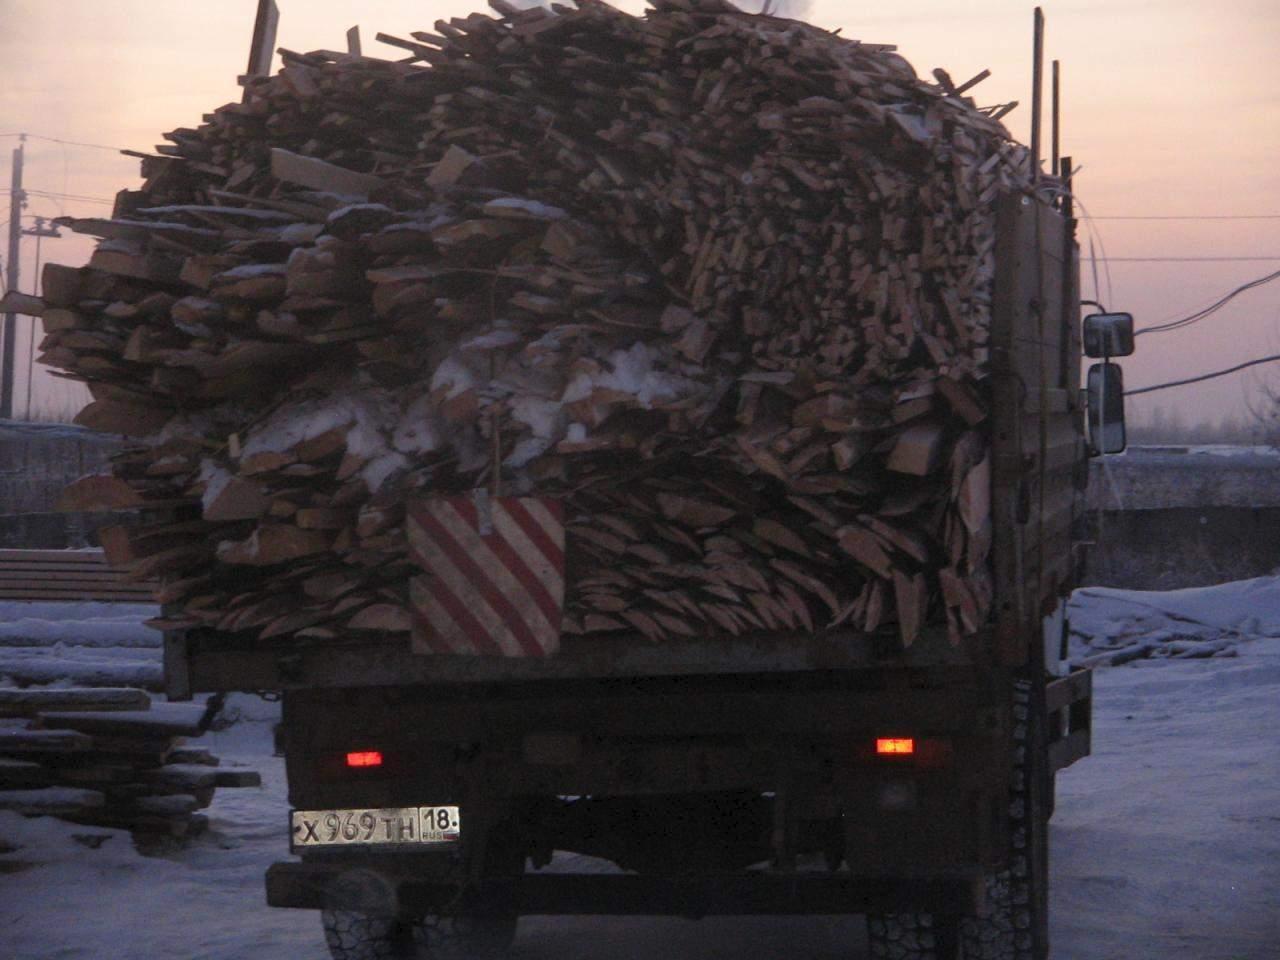 этого картинки камаз груженный древесными отходами барбарис